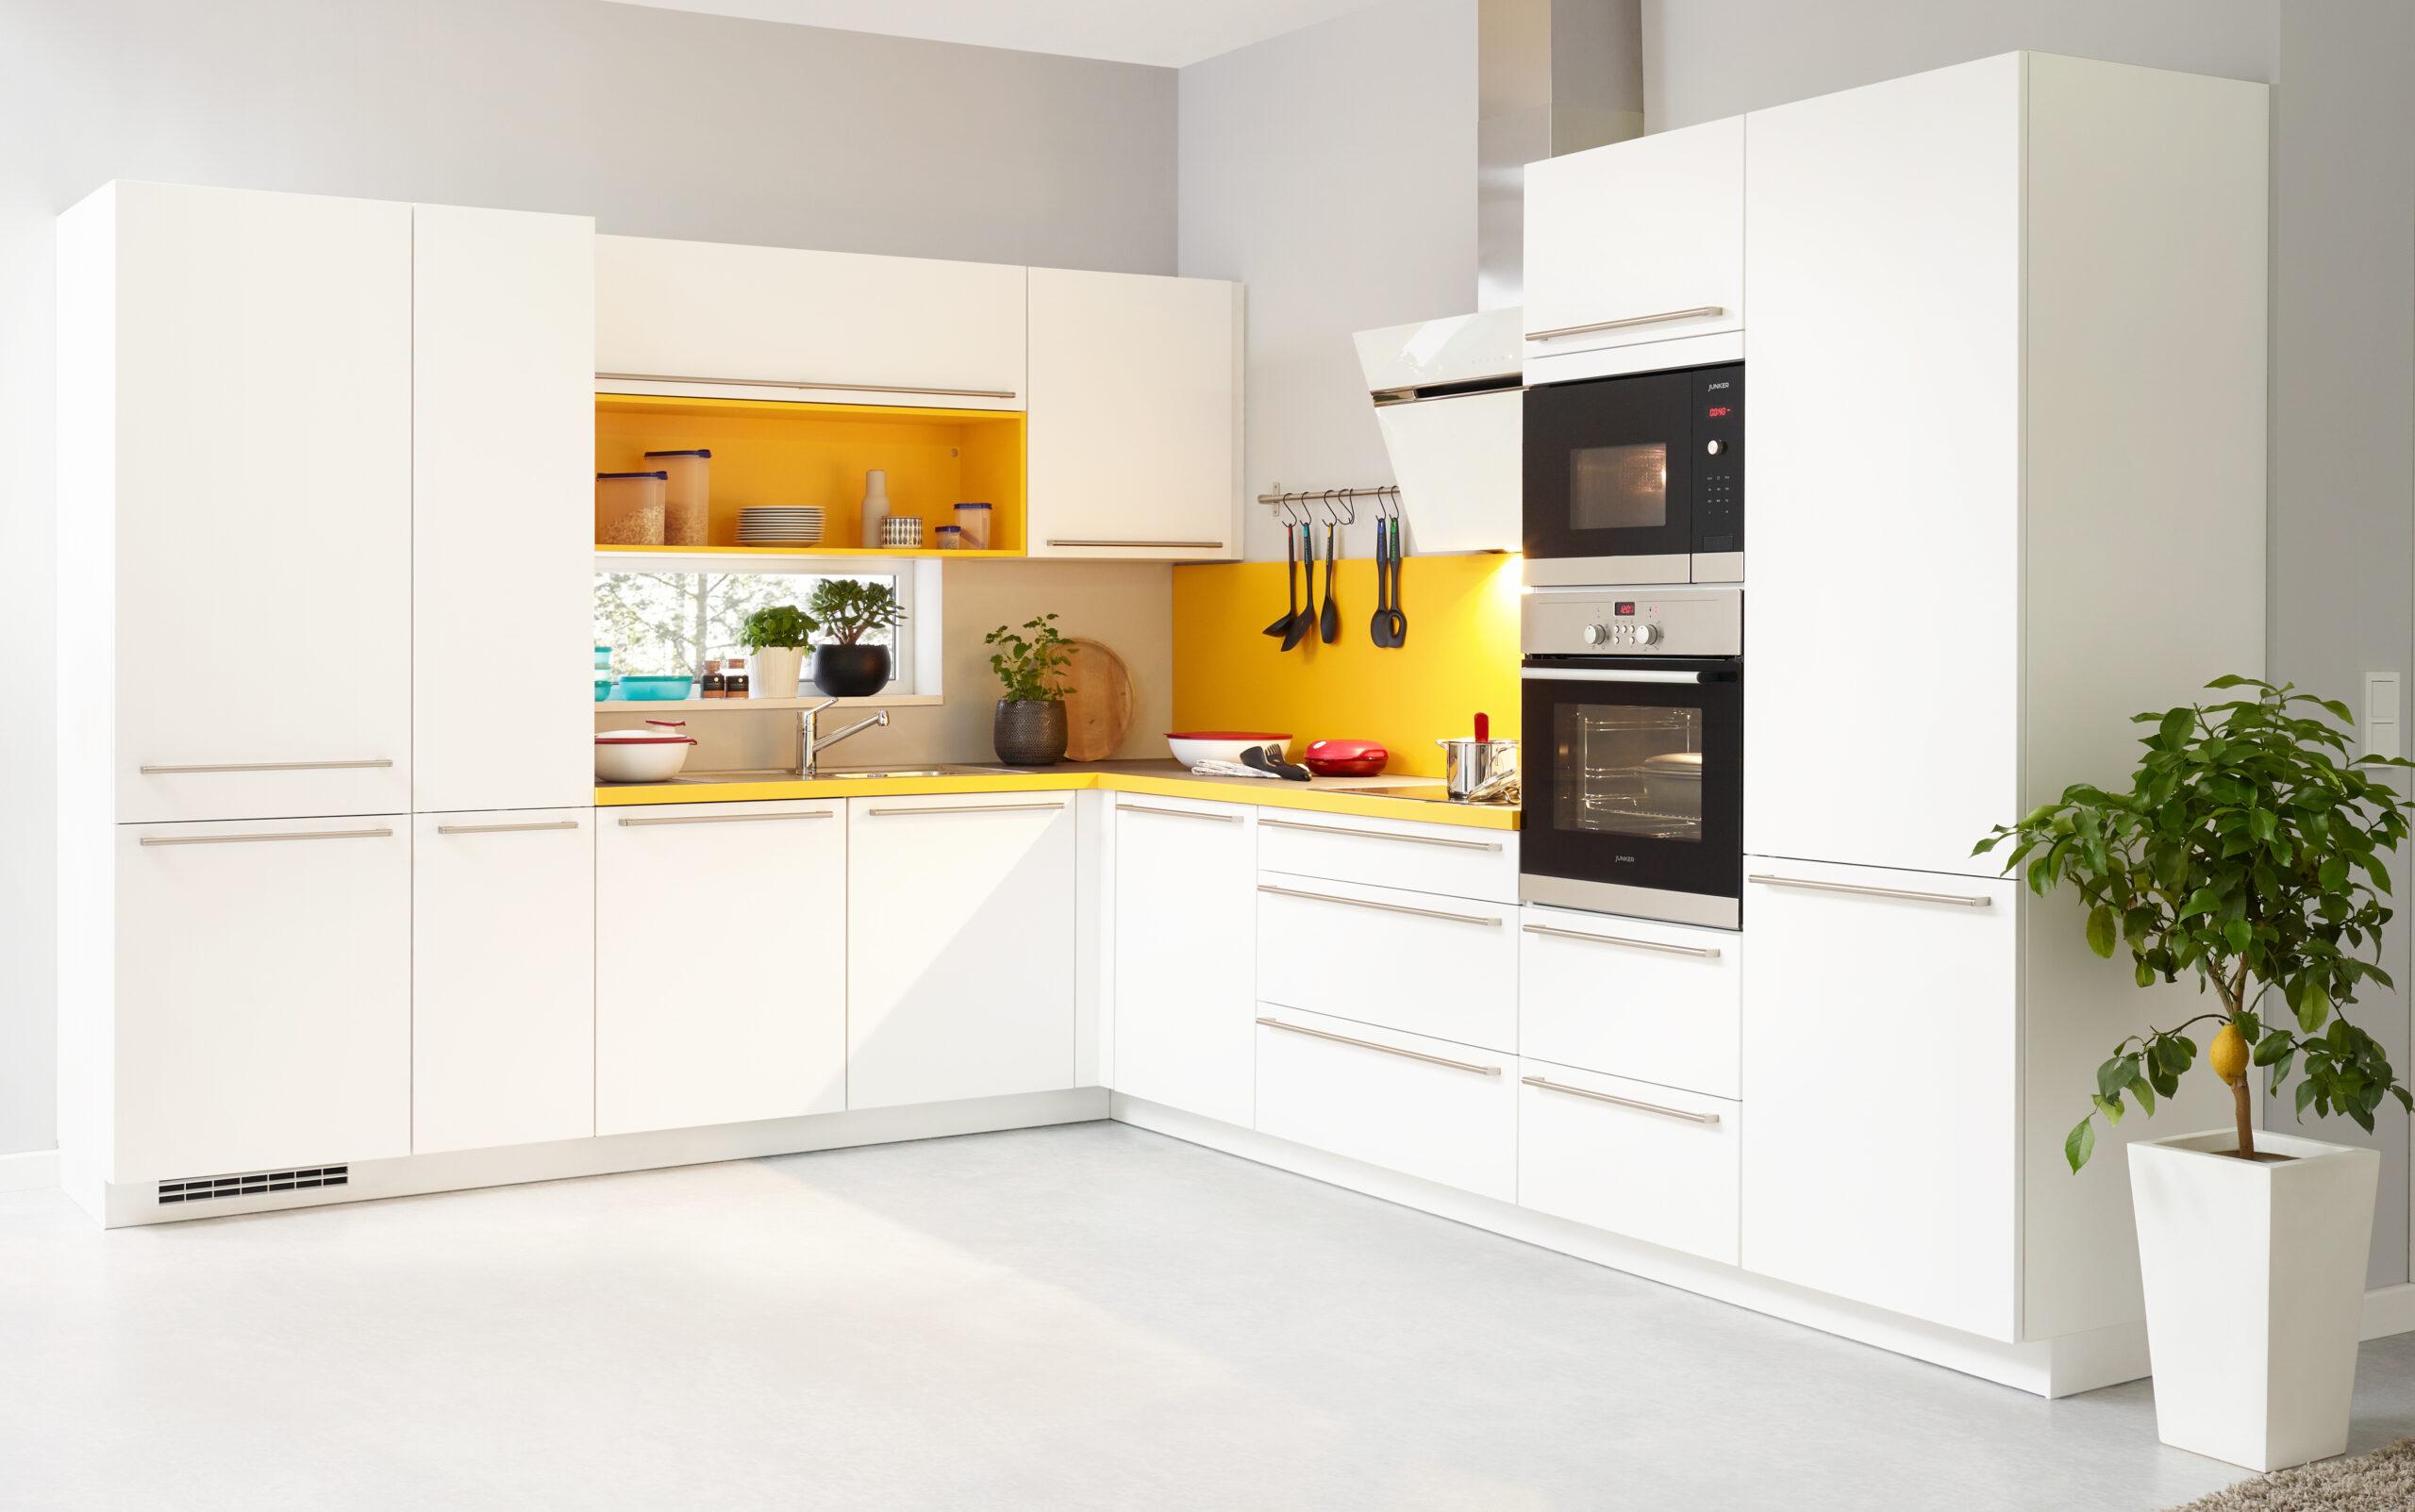 Full Size of Green Day Kche Designed Fr Tupperware Kcheco Küchen Regal Aufbewahrungsbehälter Küche Wohnzimmer Küchen Aufbewahrungsbehälter